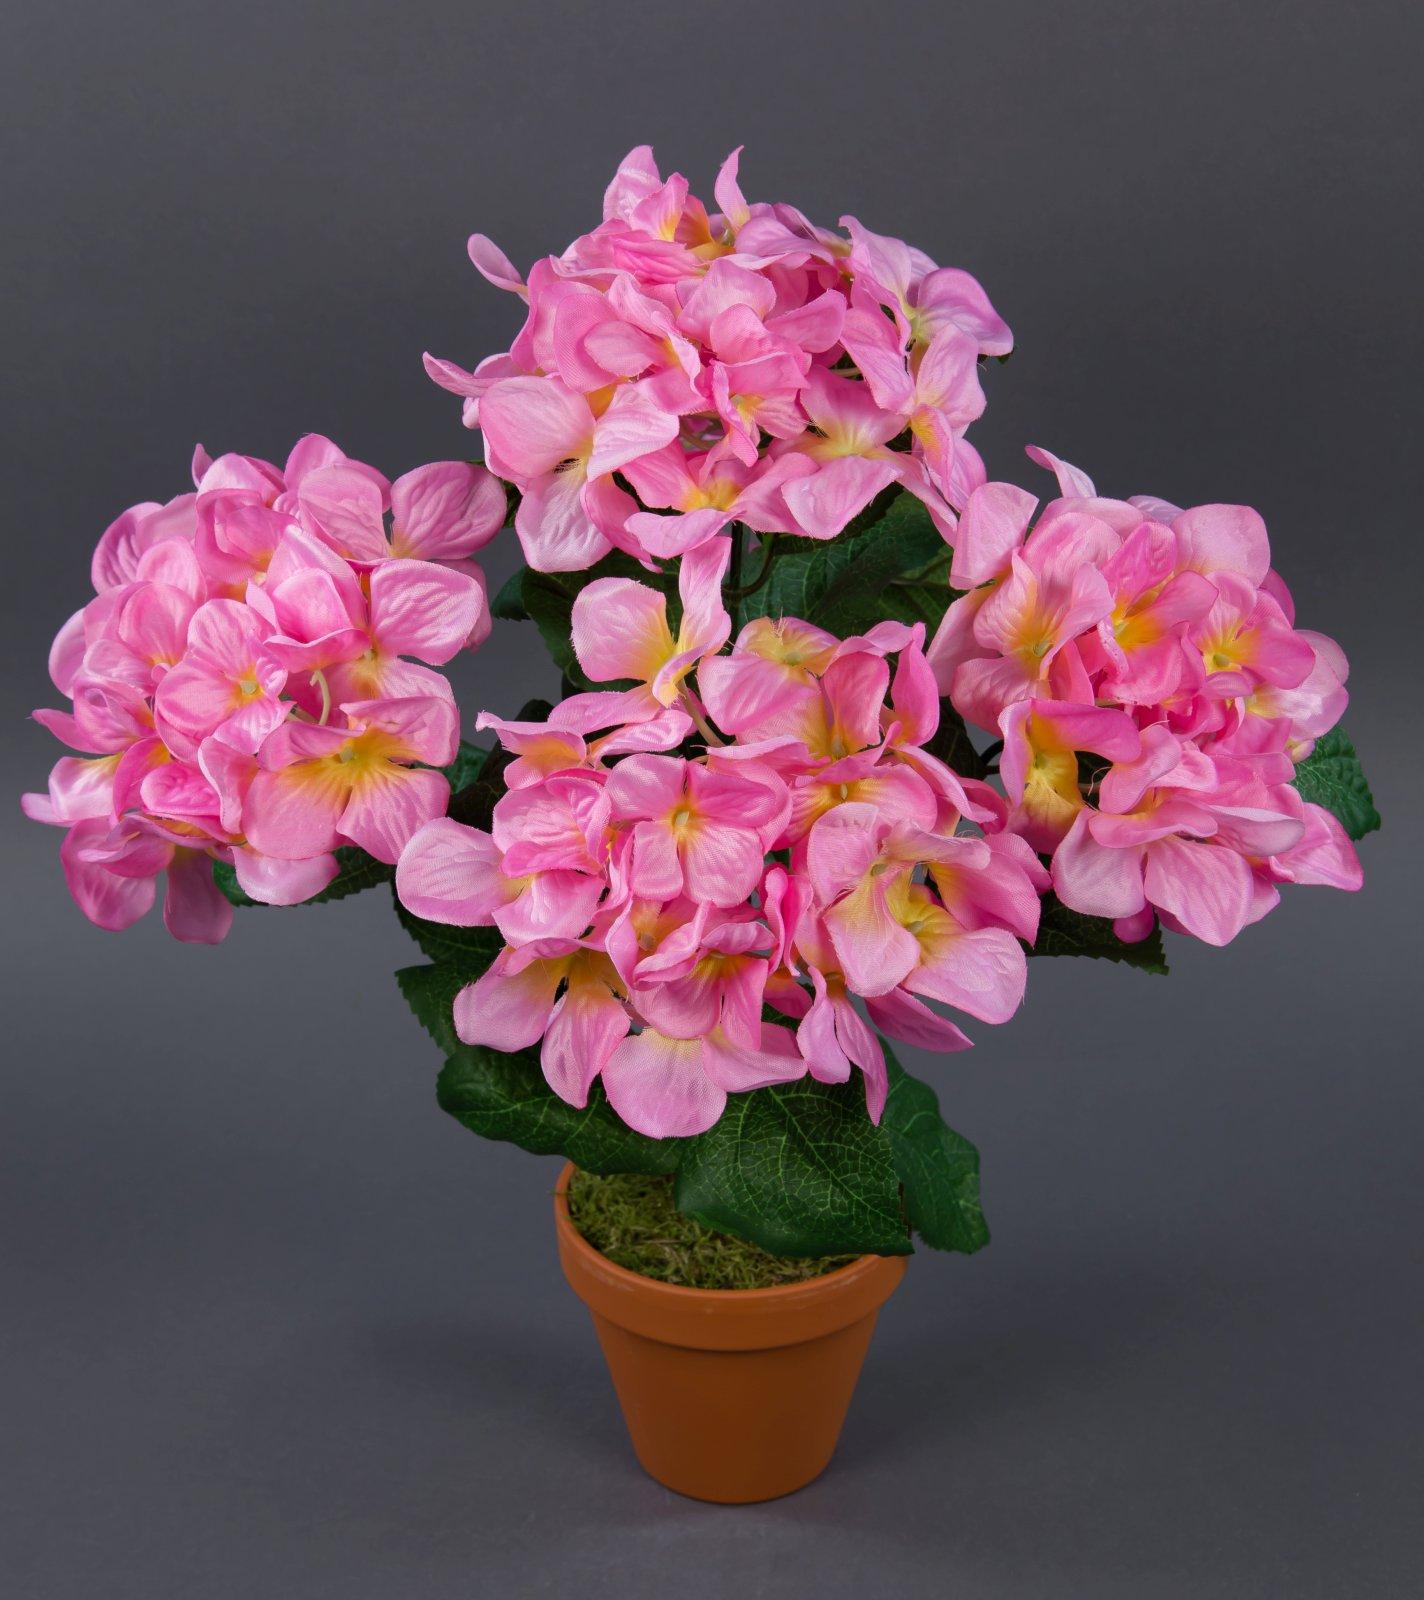 hortensienbusch gro cm rosa im topf lm knstliche blumen pflanzen elegant 2042cm 20rosa 20im 20topf 20lm 20kunstpflanzen 20kunstblumen 20kuensltiche 20hortensie 20blumen 20pflanzen